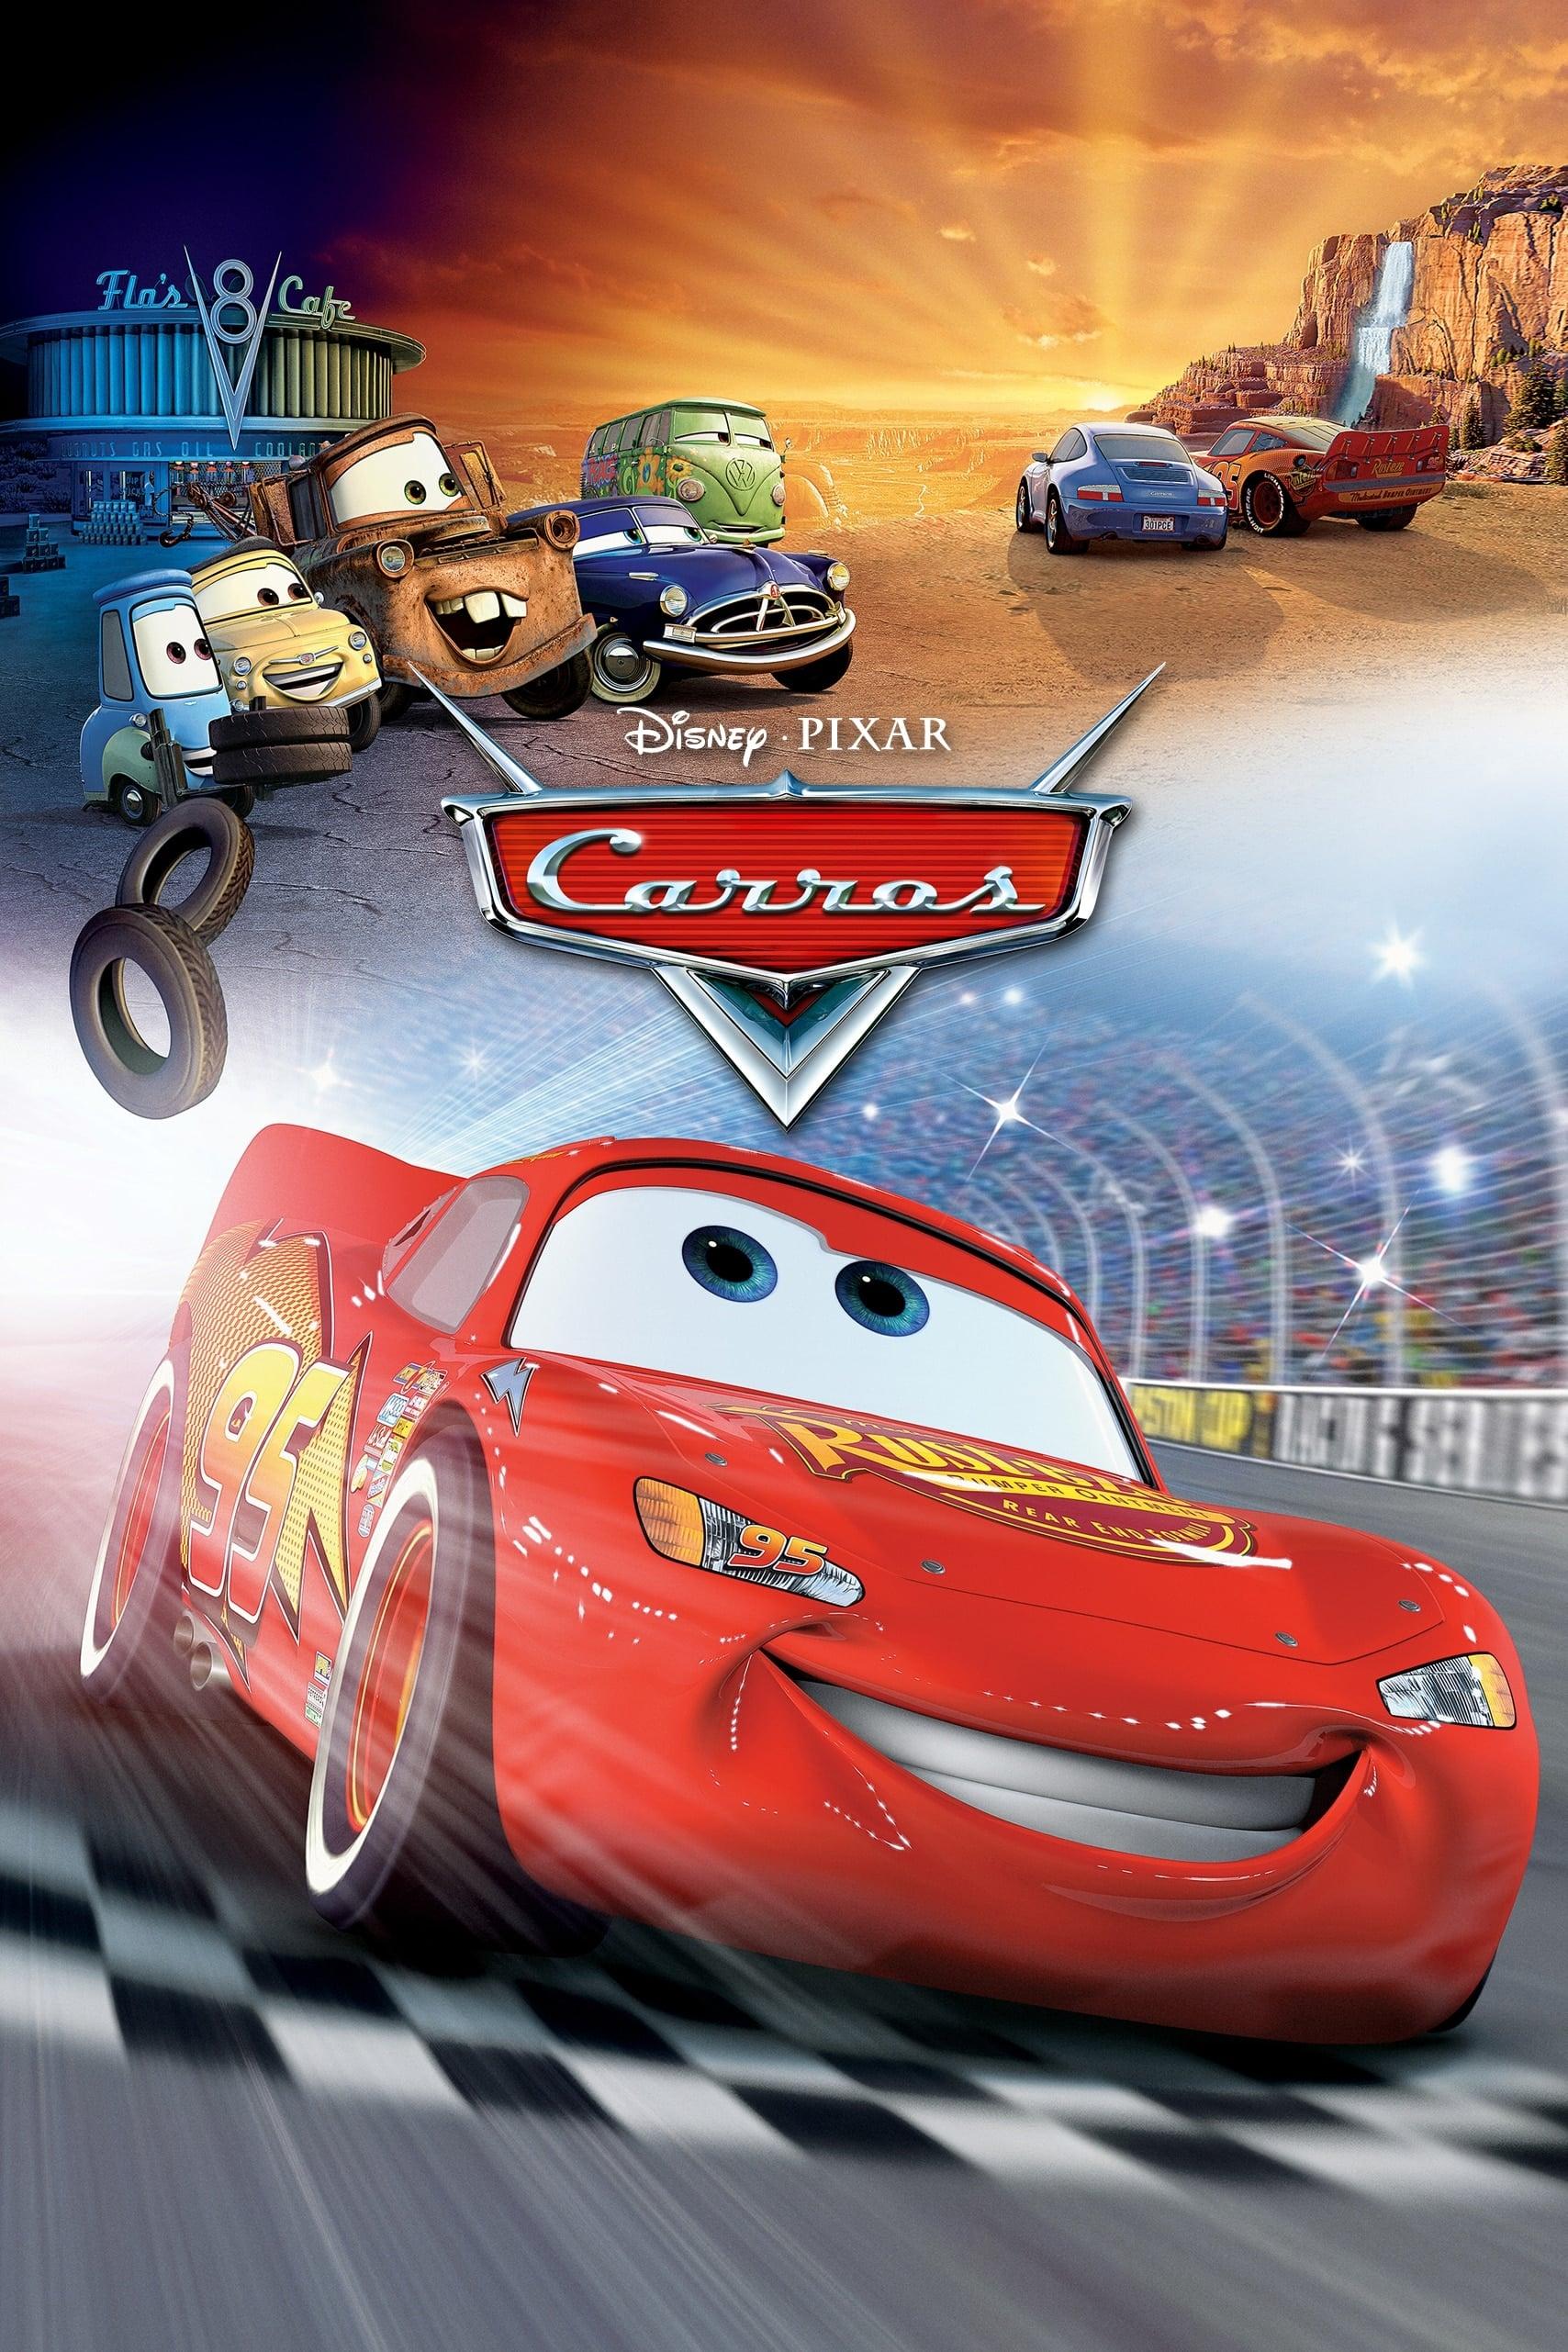 2006 cars posters movie dublado carros movies film 720p motori ruggenti cine films database primary tmdb